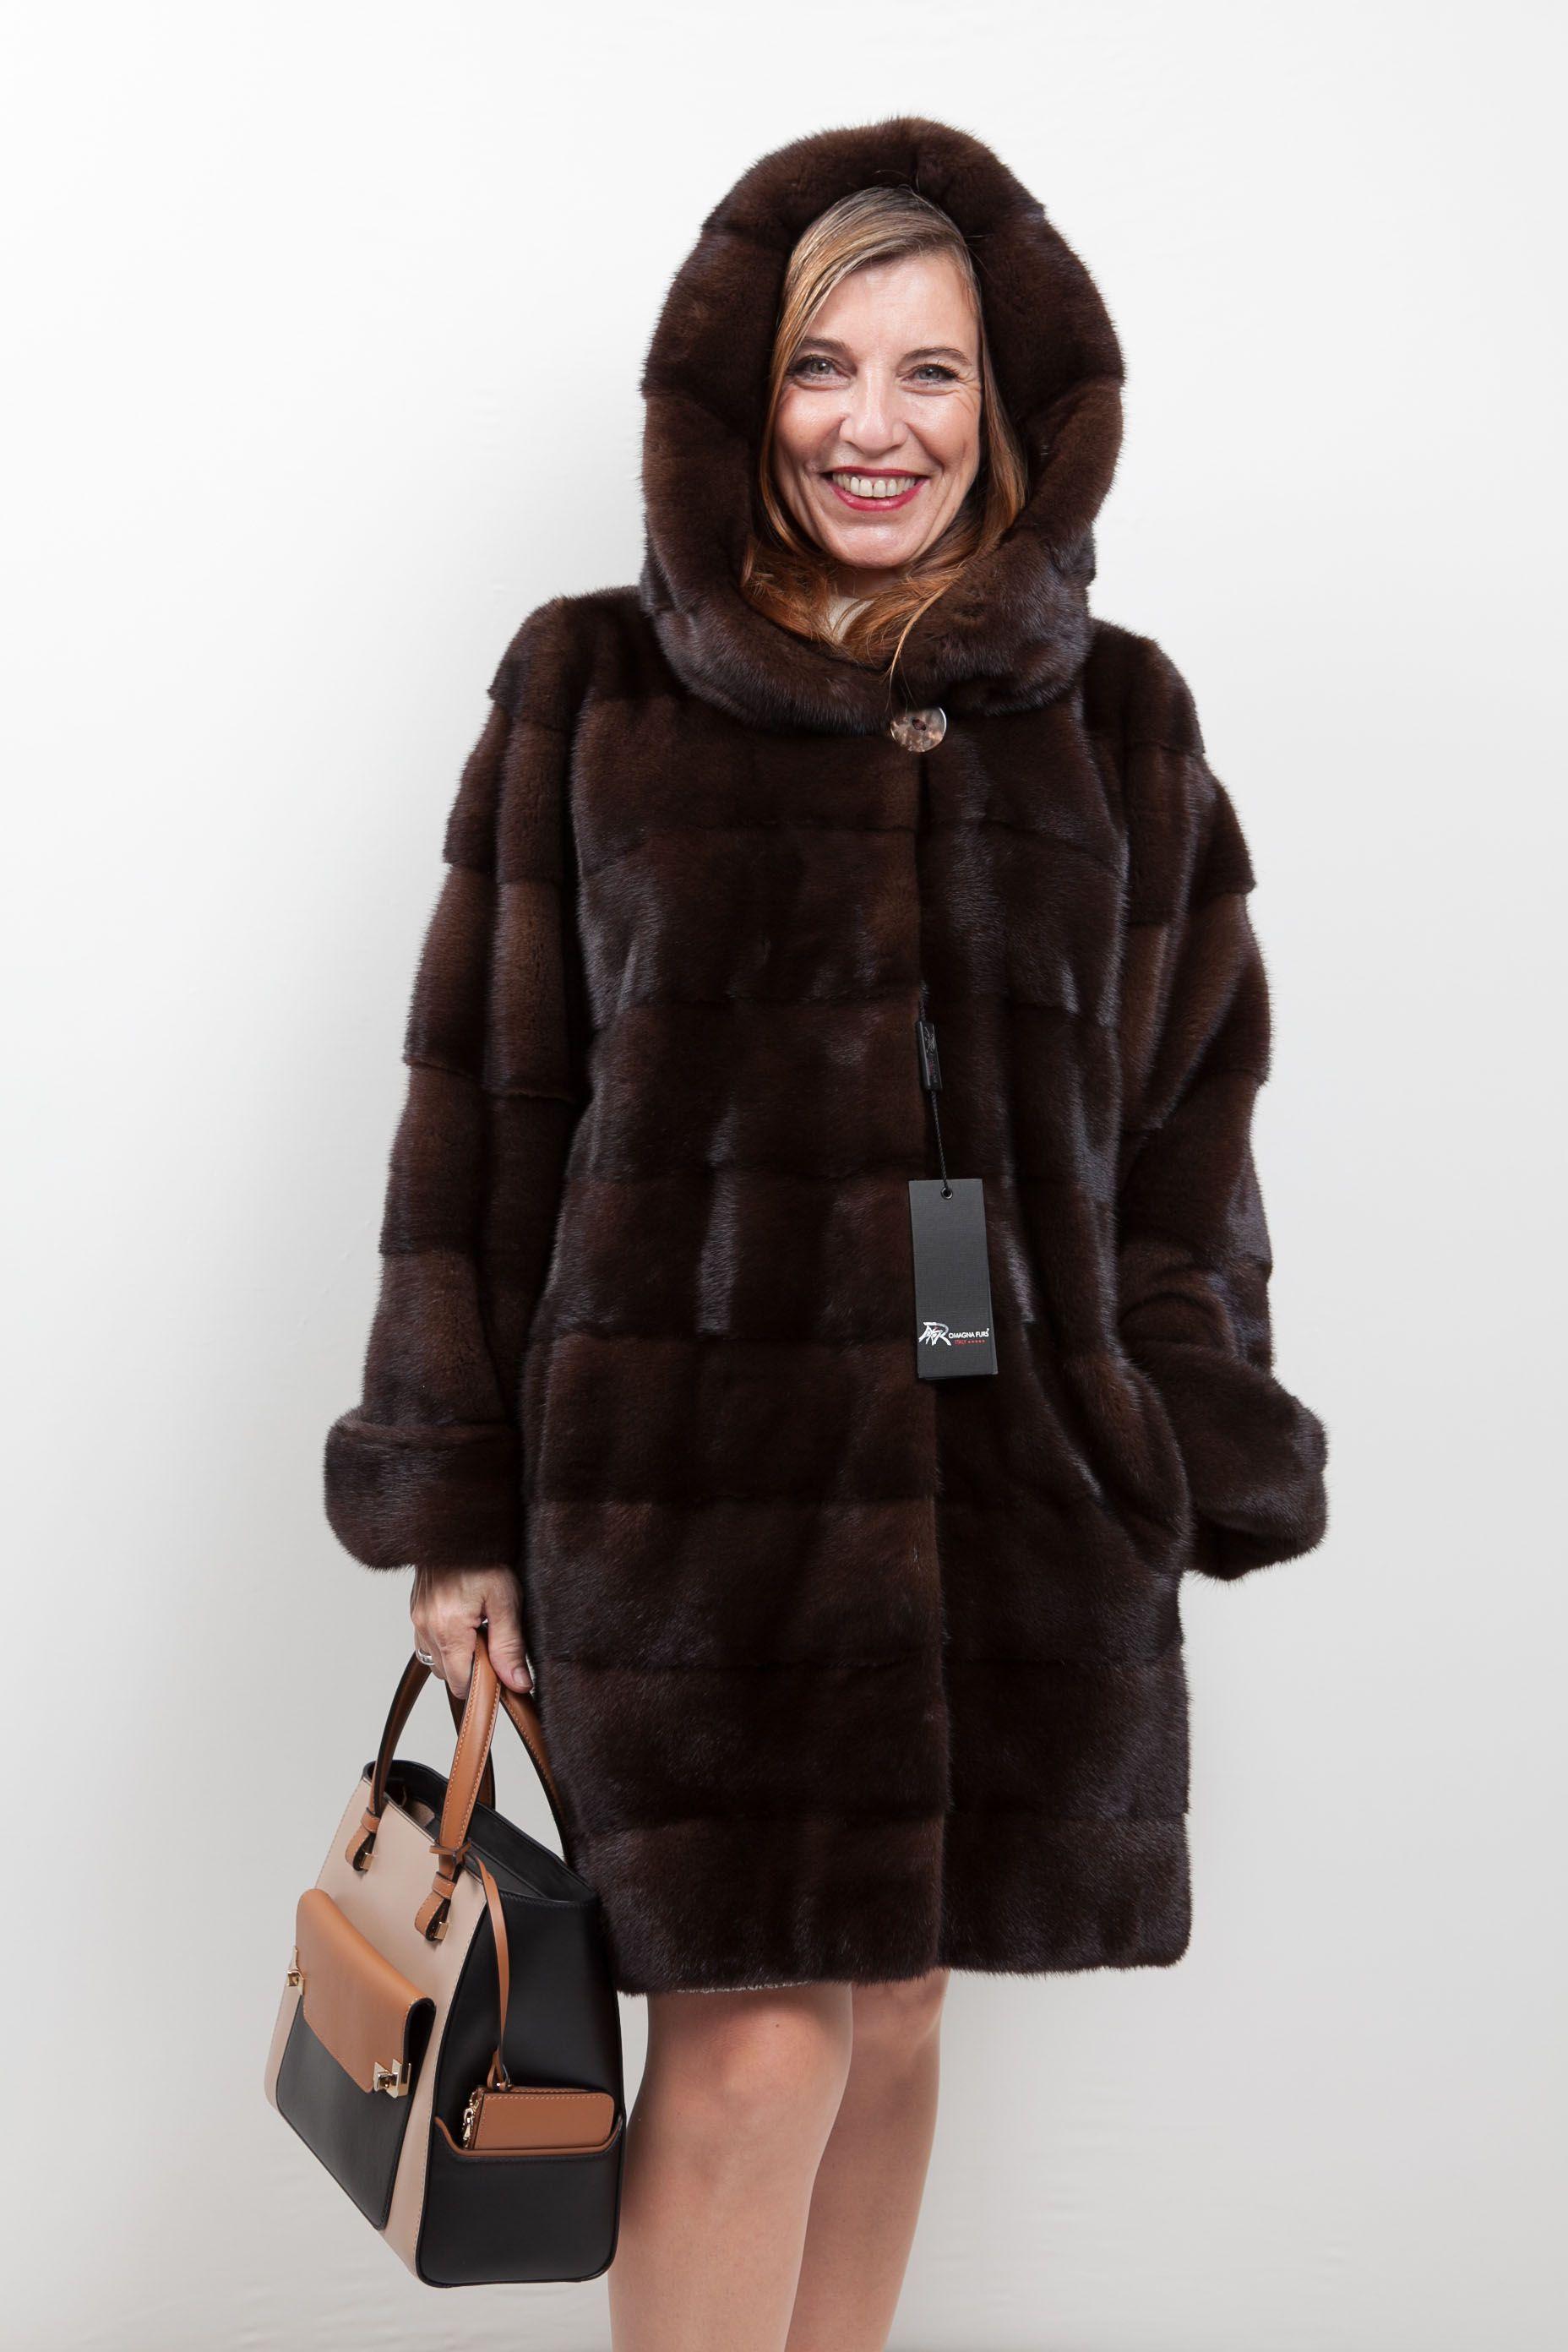 manteau femme marron avec capuche mode2. Black Bedroom Furniture Sets. Home Design Ideas